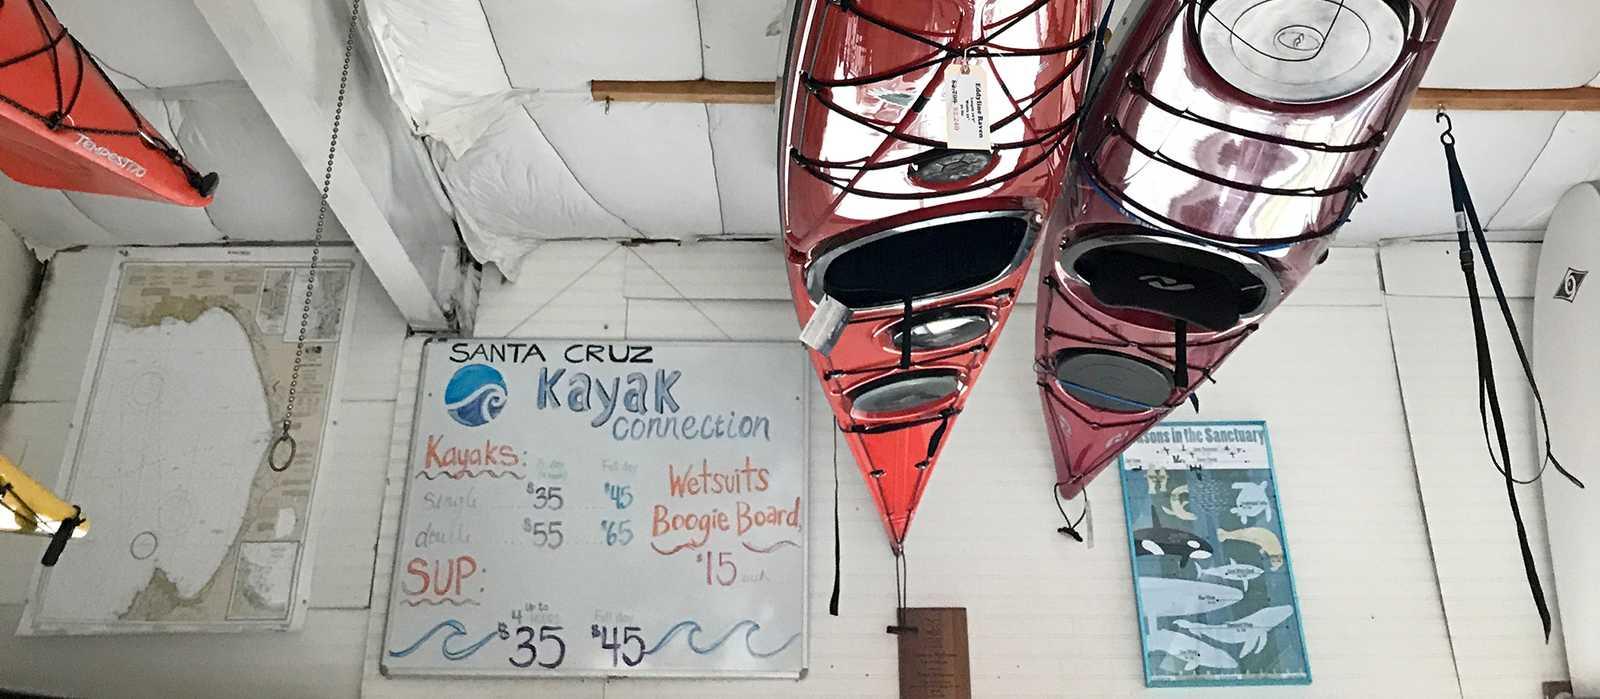 Kajakmiete in Santa Cruz